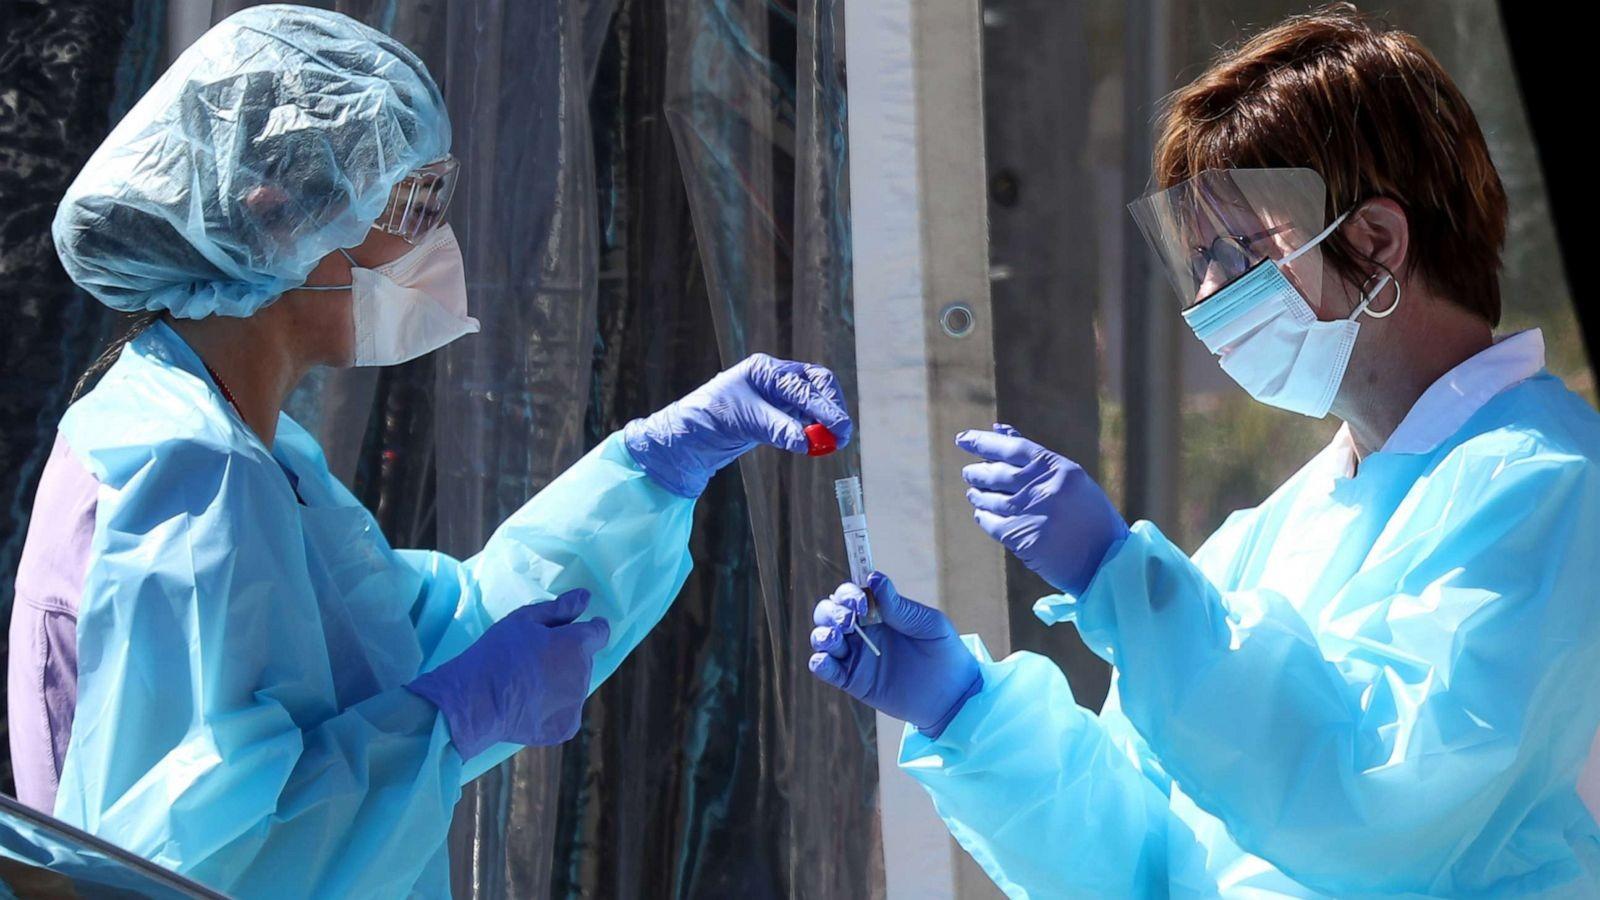 नेपालमा थप ३३६५ जनामा कोरोना भाइरसको संक्रमण पुष्टि